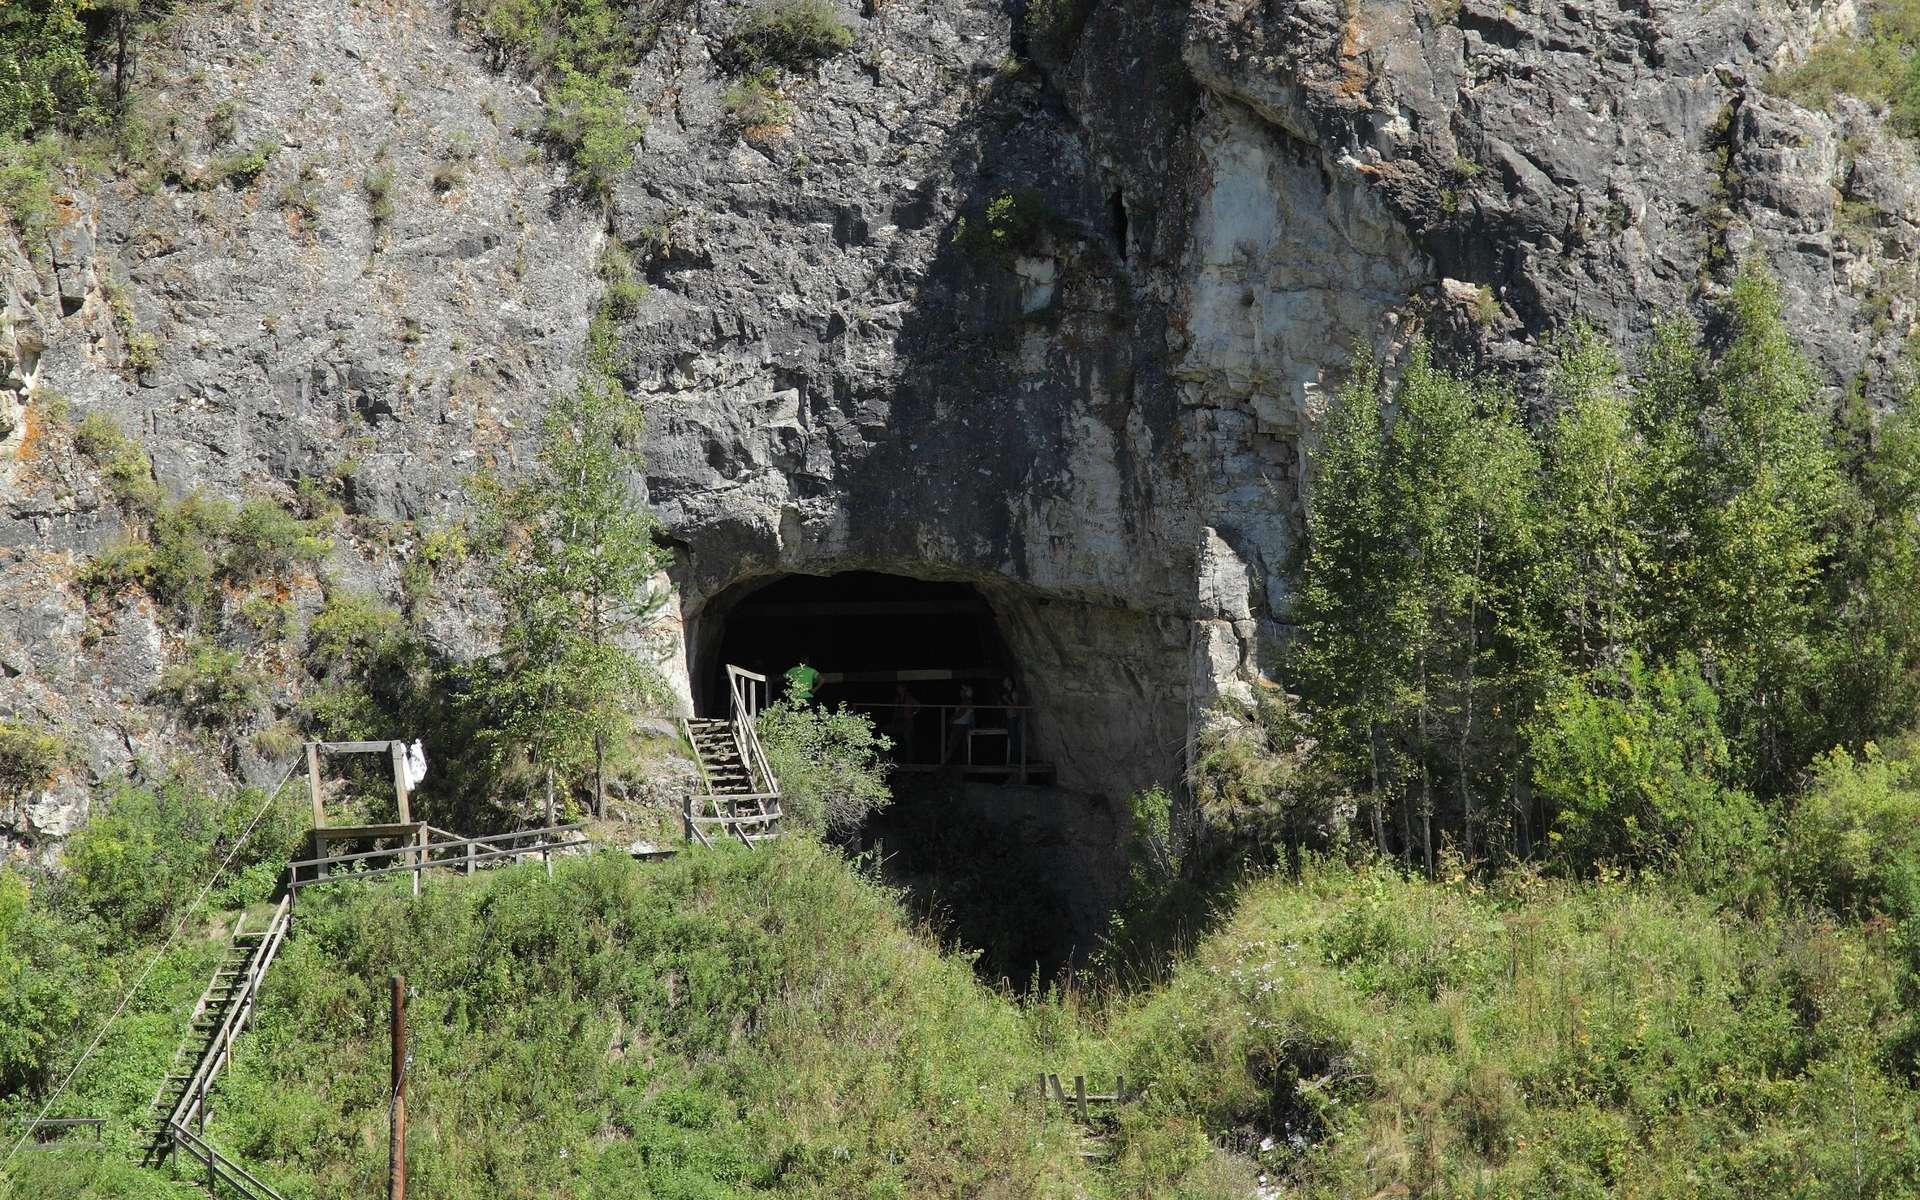 La grotte de Denisova se trouve en Sibérie. © Sergei Zelenski, université de Wollongong